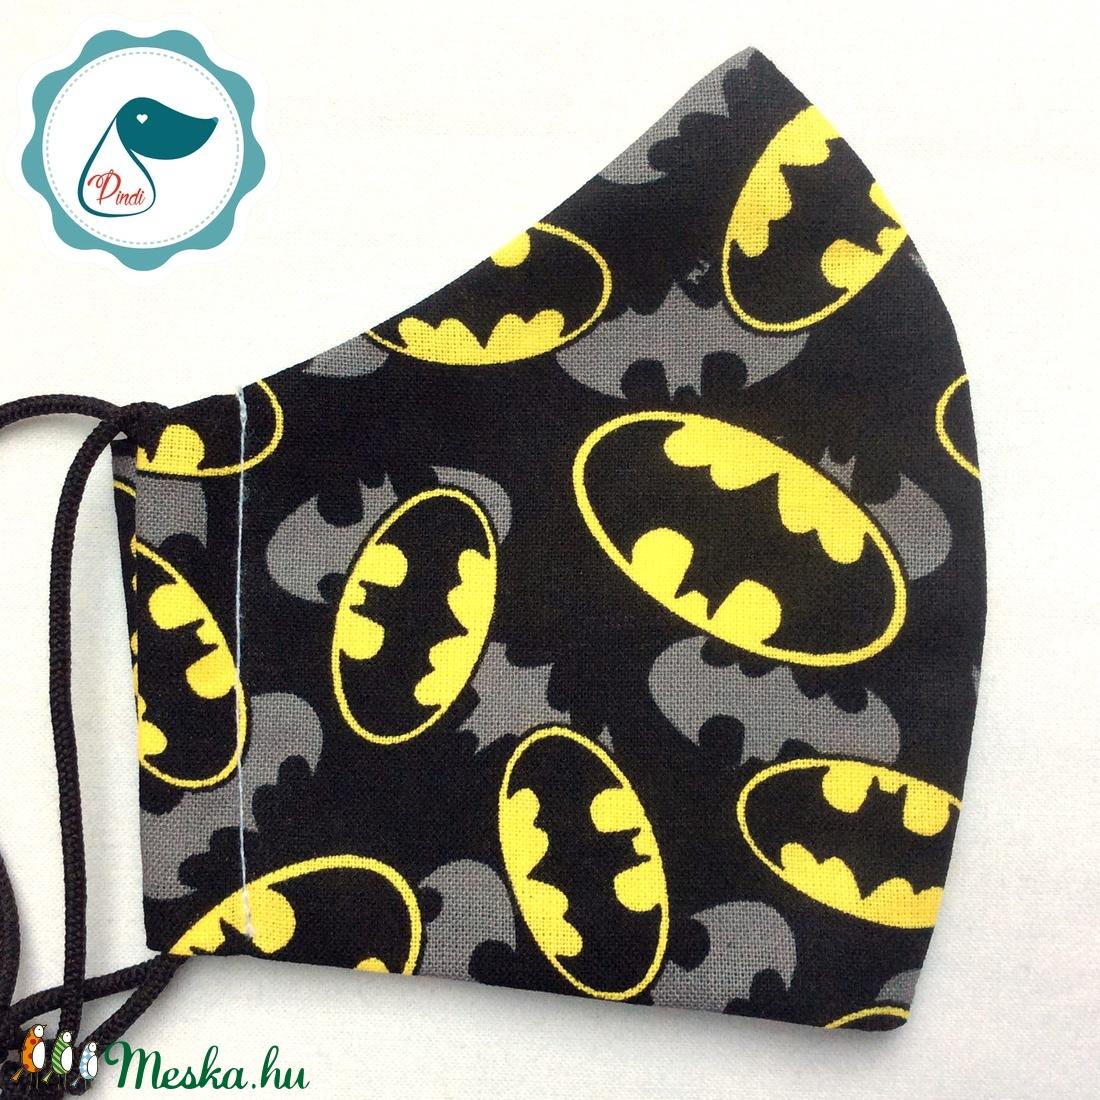 Egyedi batman logo mintás - prémium gyerek  szájmaszk - textil szájmaszk - egészségügyi szájmaszk - mosható szájmaszk - maszk, arcmaszk - gyerek - Meska.hu